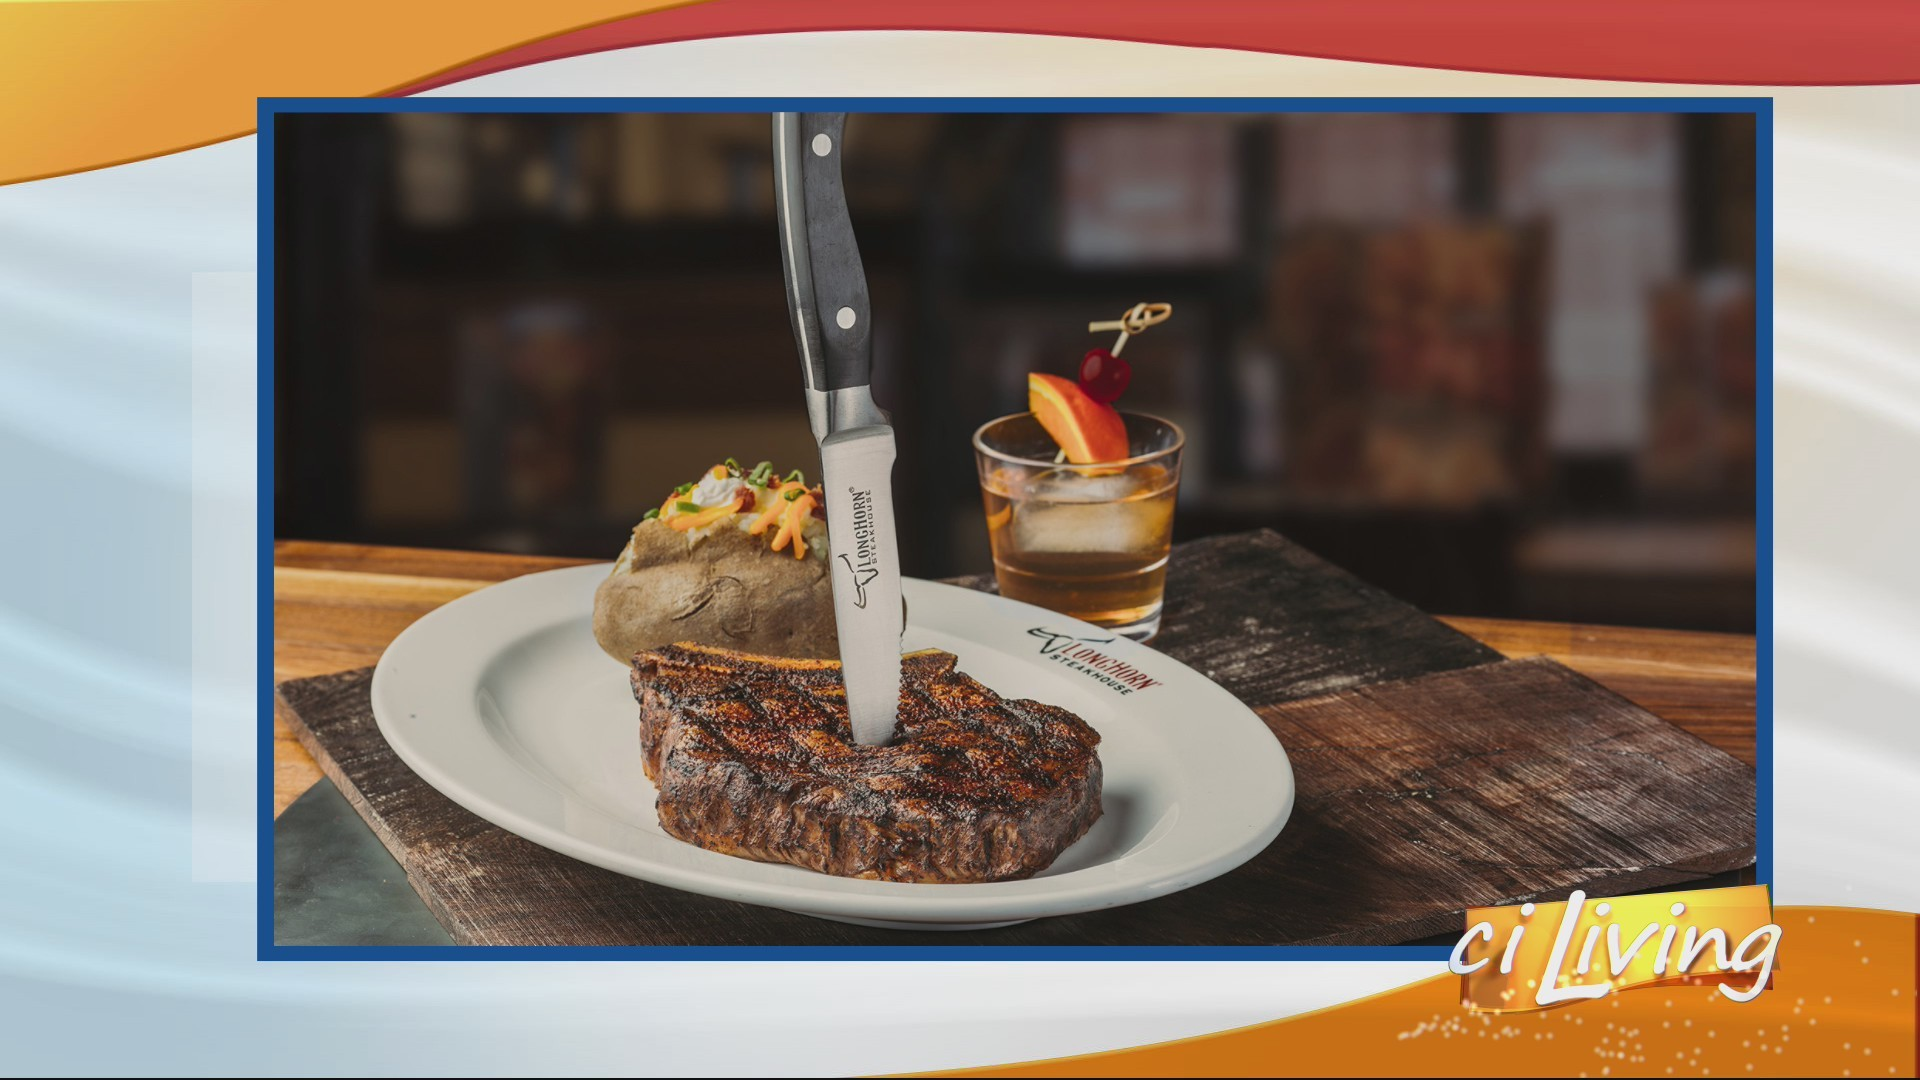 LongHorn Steakhouse for Dinner and Drinks